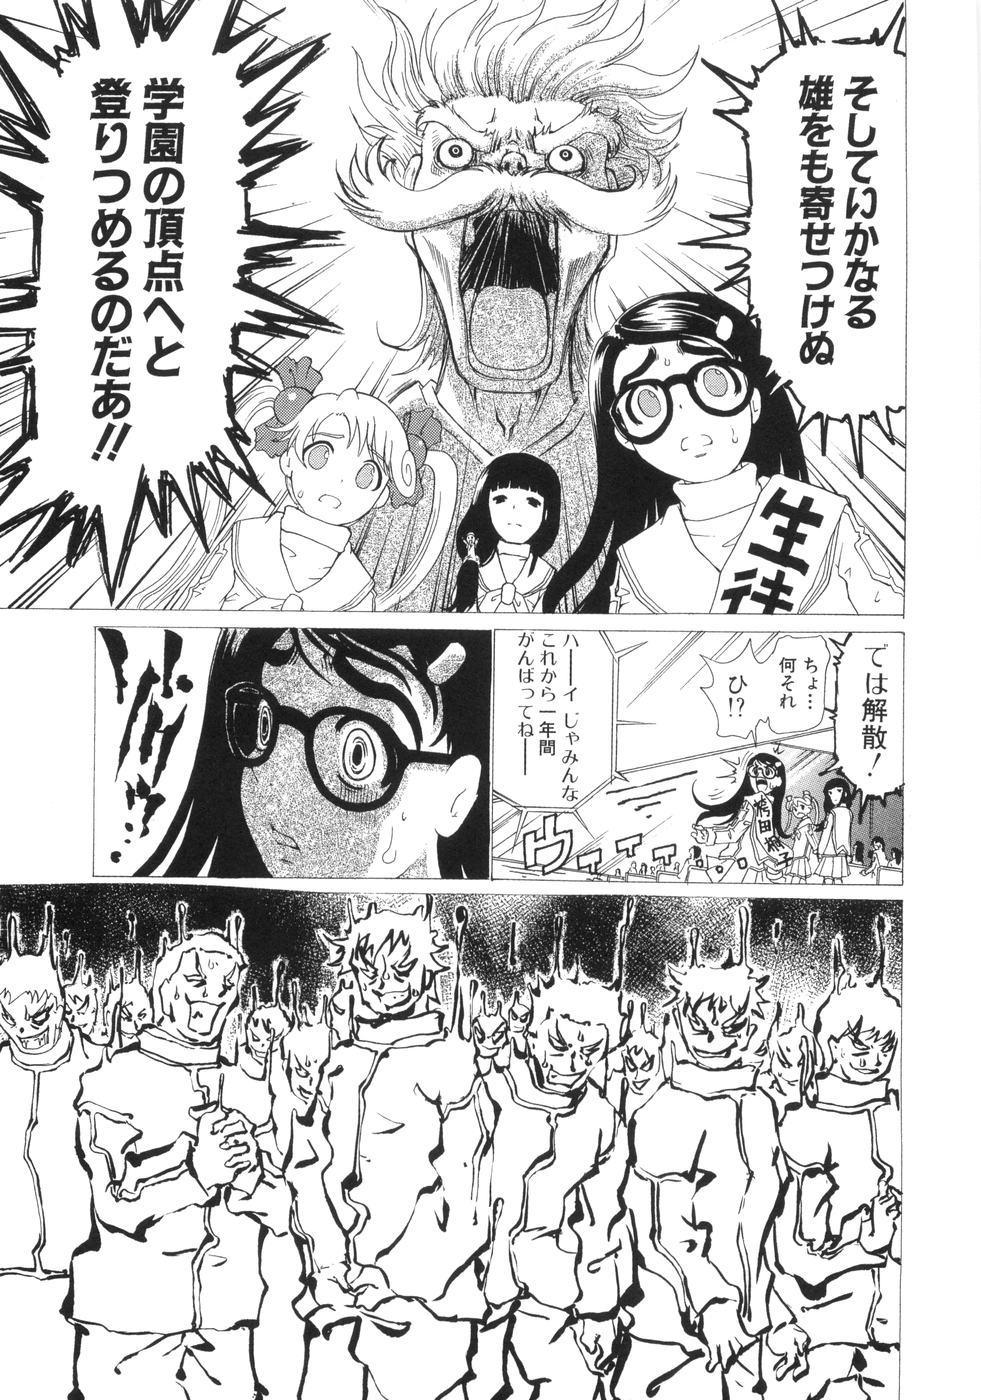 0 PULL TOWN Gakuen e Youkoso! 37